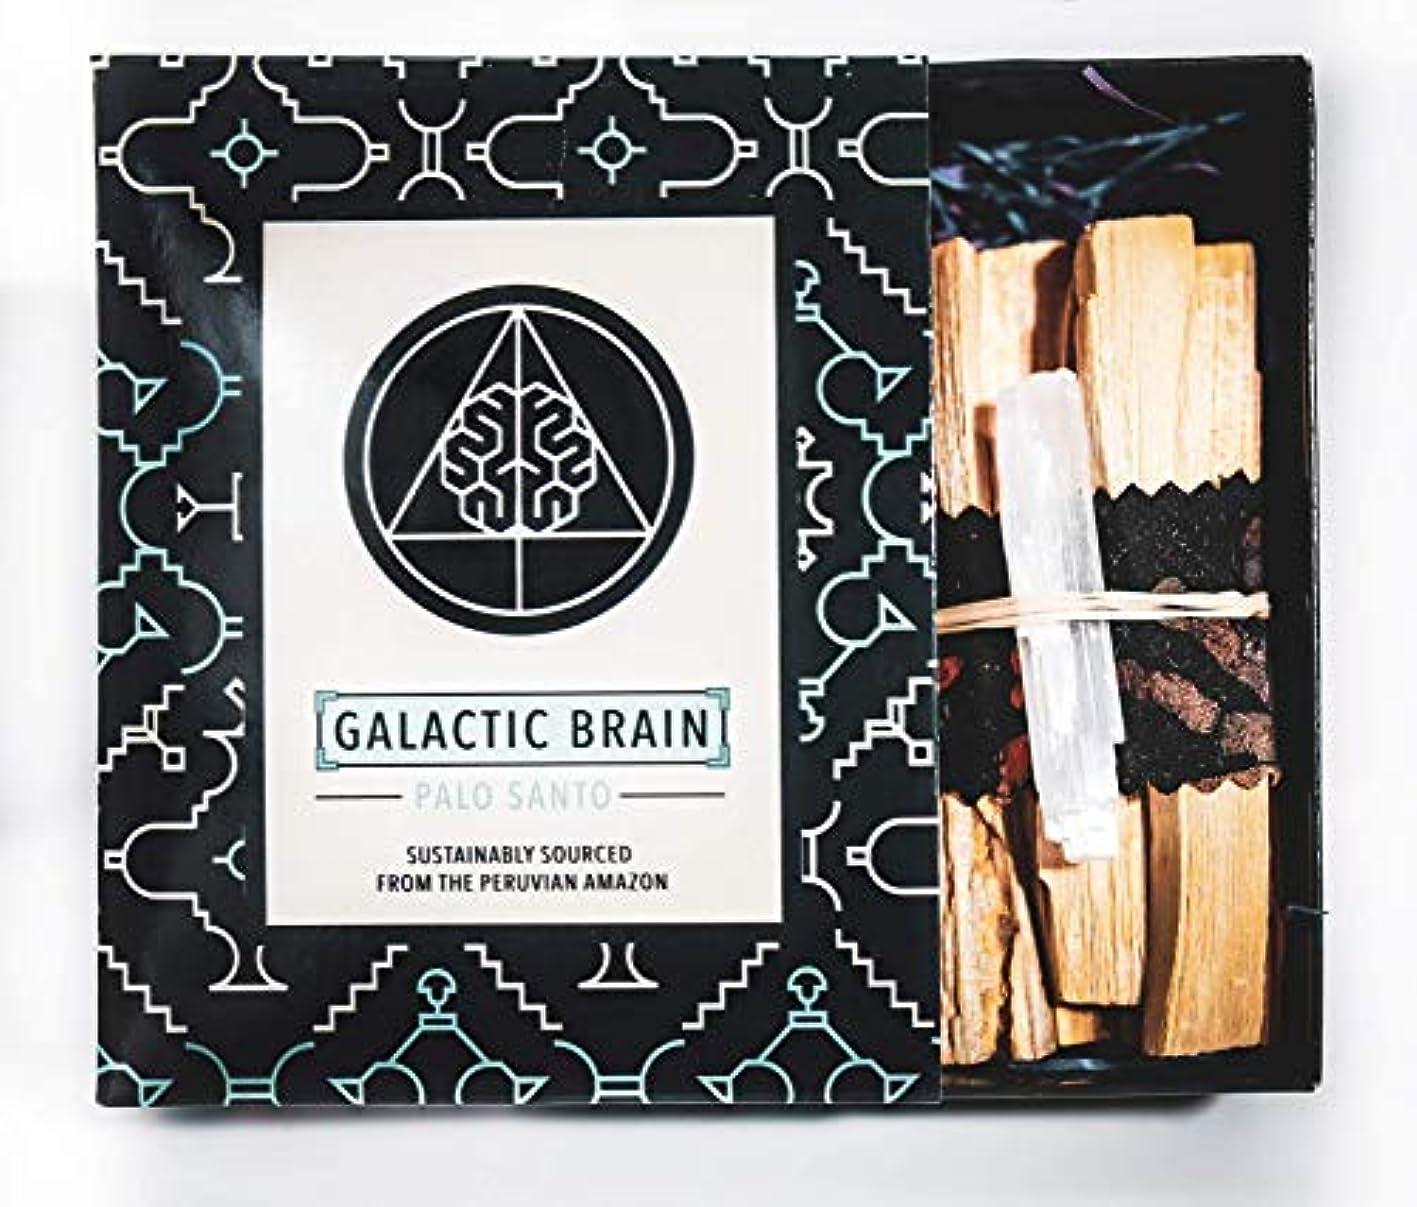 累積アルプスファックスGalacticBrainパロサントスマッジスティックキット ご自宅をきれいにしましょう。 瞑想/ヨガの練習を強化。 自然とつながります。 振動を上げましょう。 ギフトセット入りスマッジスティック 12本 (90g) 4インチ